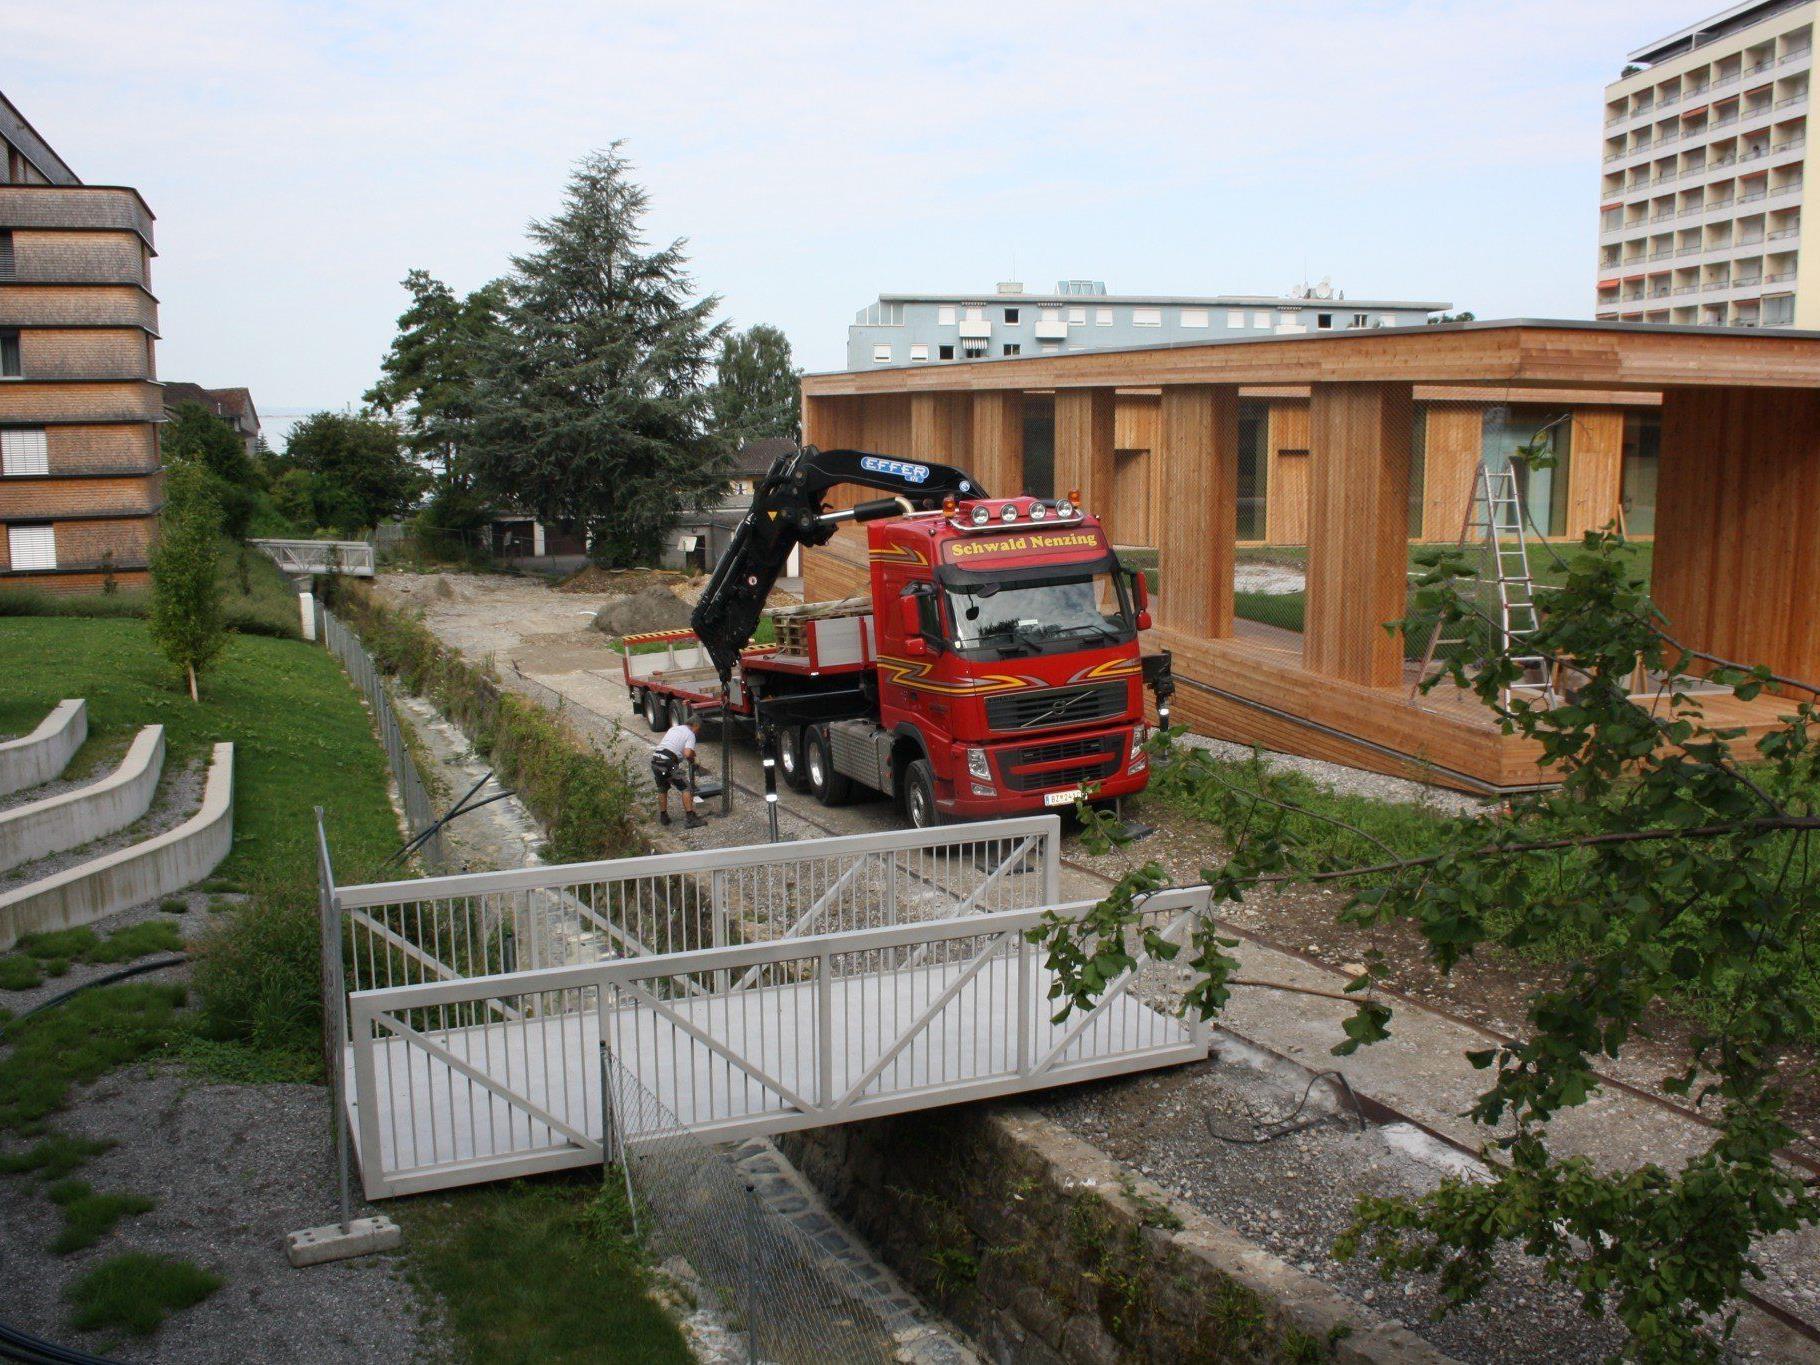 Brücken über den Klausmühlebach als neue Fuß- und Radwegverbindungen von der Klausmühle ins Wohngebiet Seeschanze.